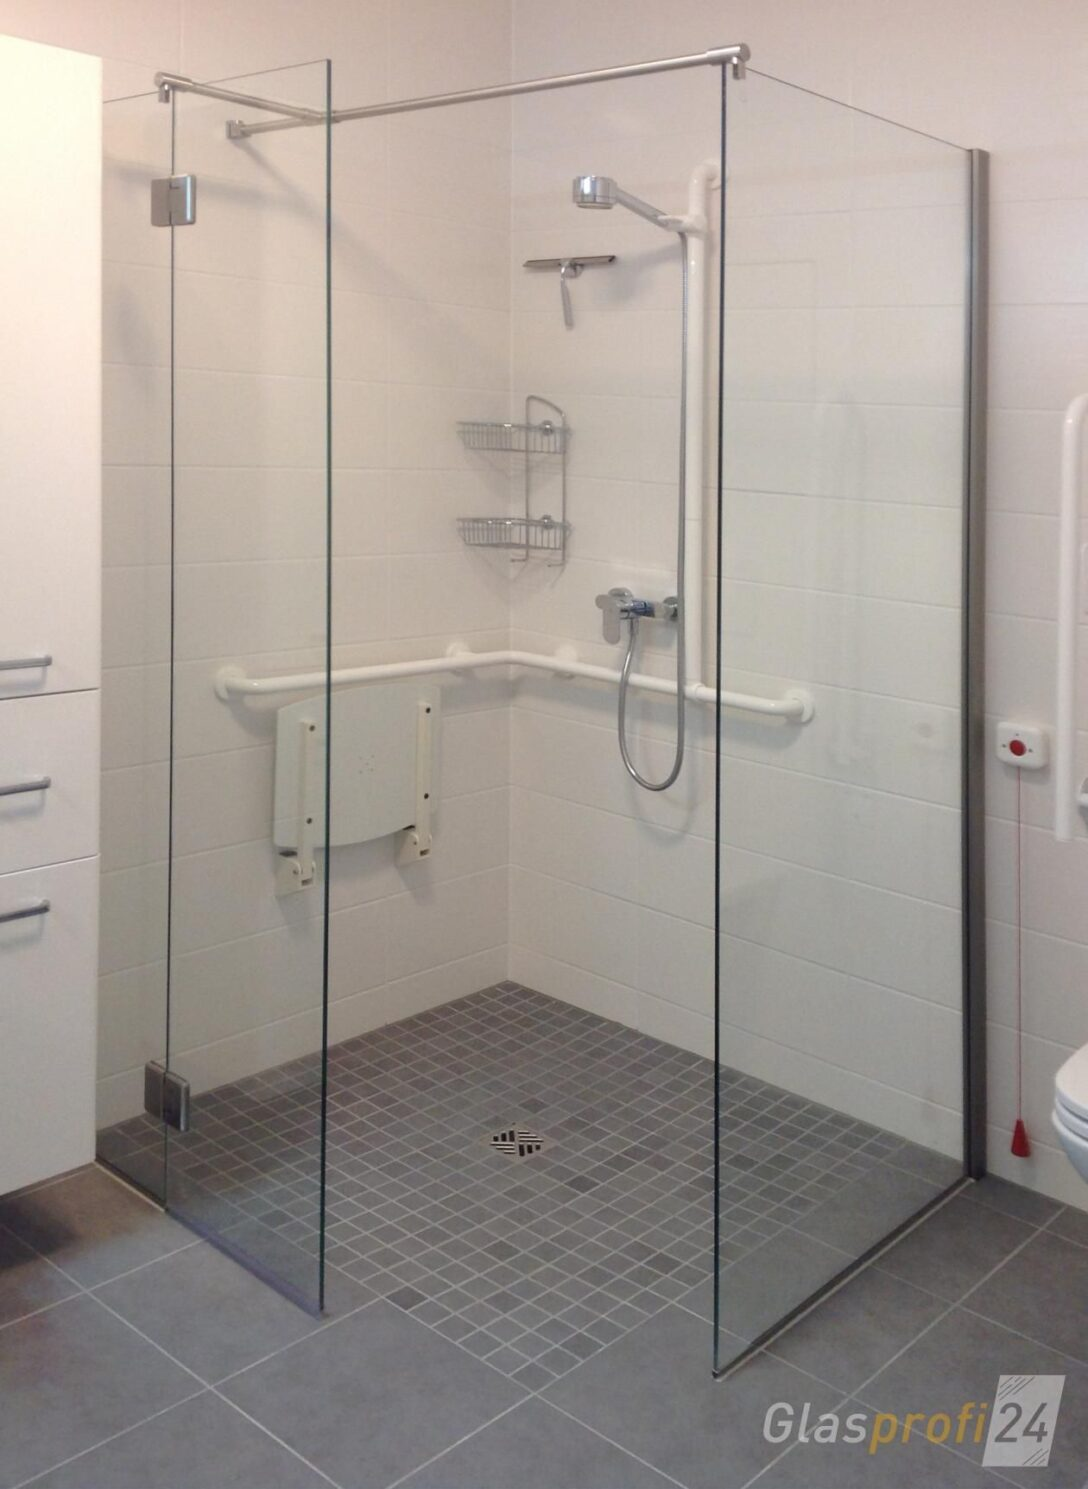 Large Size of Ebenerdige Dusche Mit V2a Beschlgen Begehbare Raindance Badewanne Fliesen Für Moderne Duschen Haltegriff Bluetooth Lautsprecher Behindertengerechte Grohe Dusche Behindertengerechte Dusche